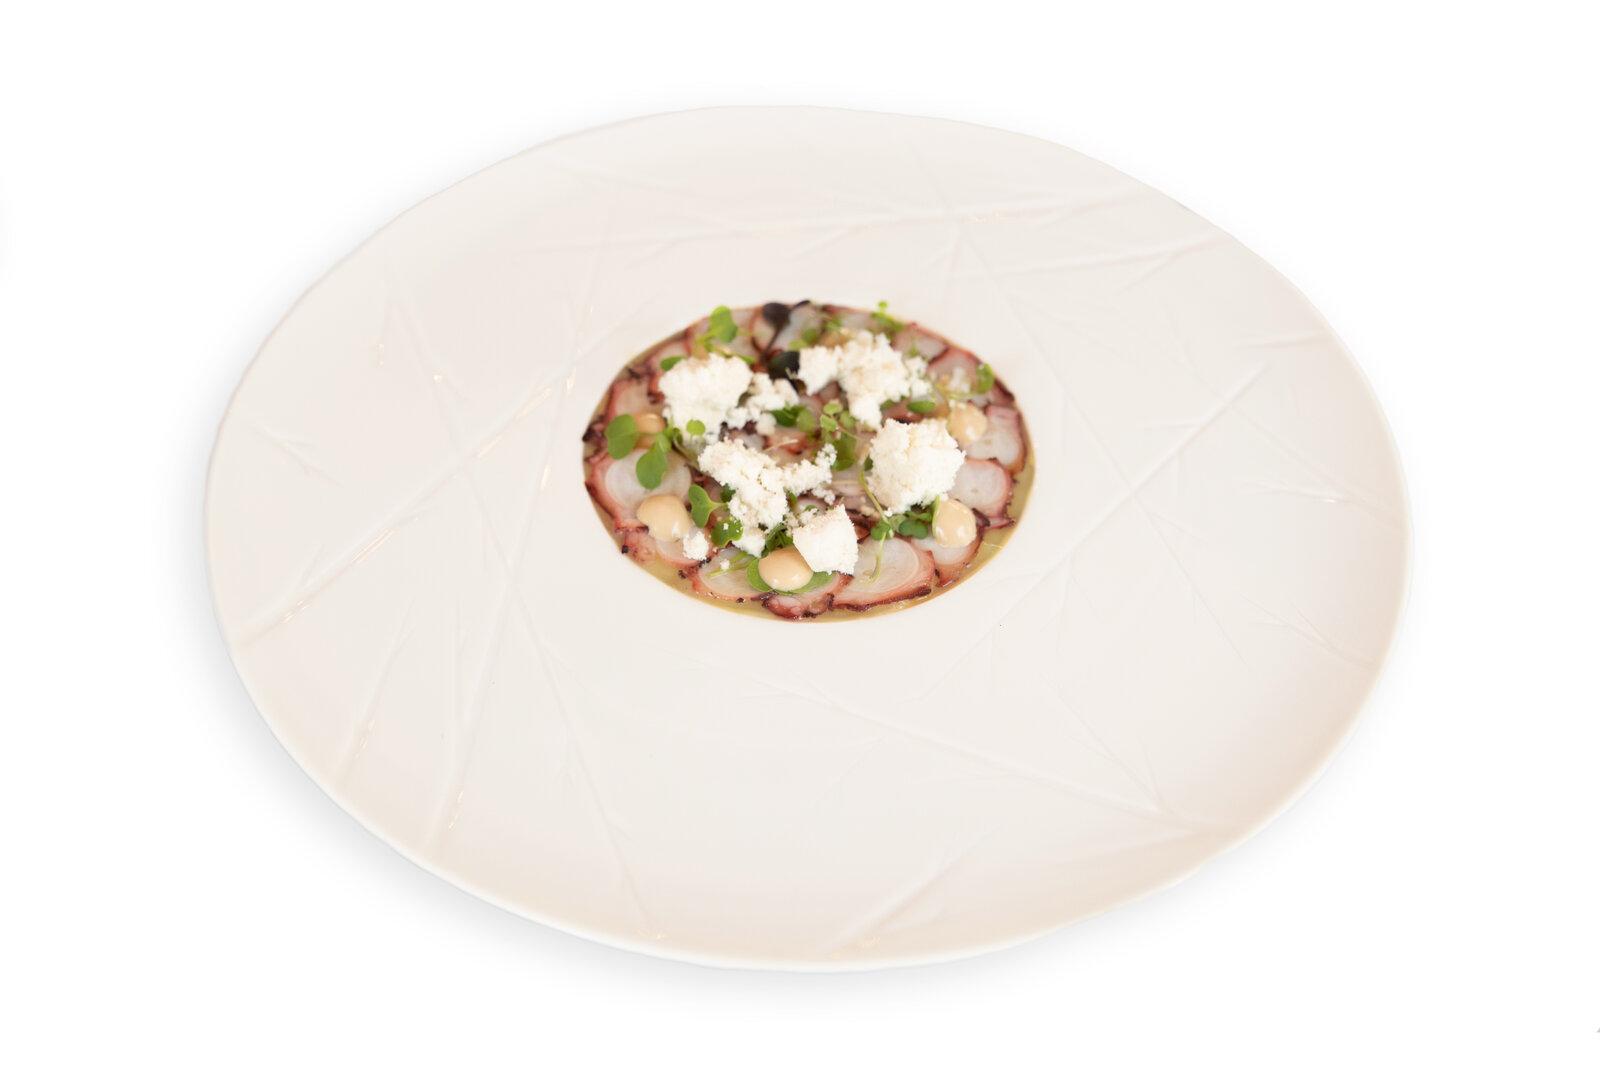 VENETIIS-Carpaccio de pulpo con pure de puerro, mayonesa de ajo negro y nieve de AOVE